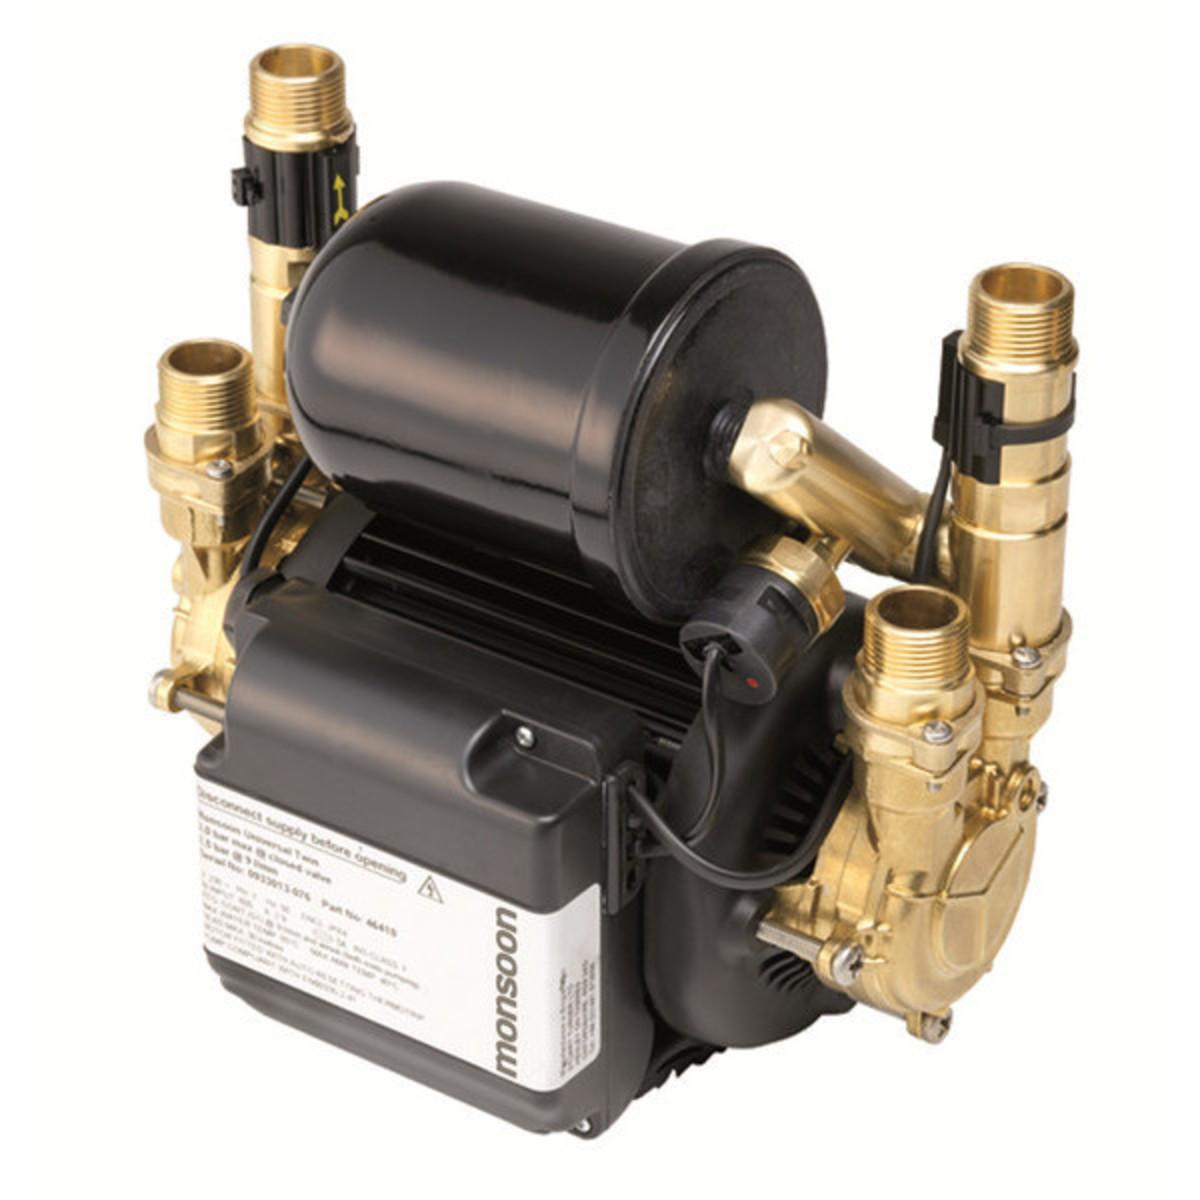 Monsoon 1.5bar Twin Universal Brass Pump